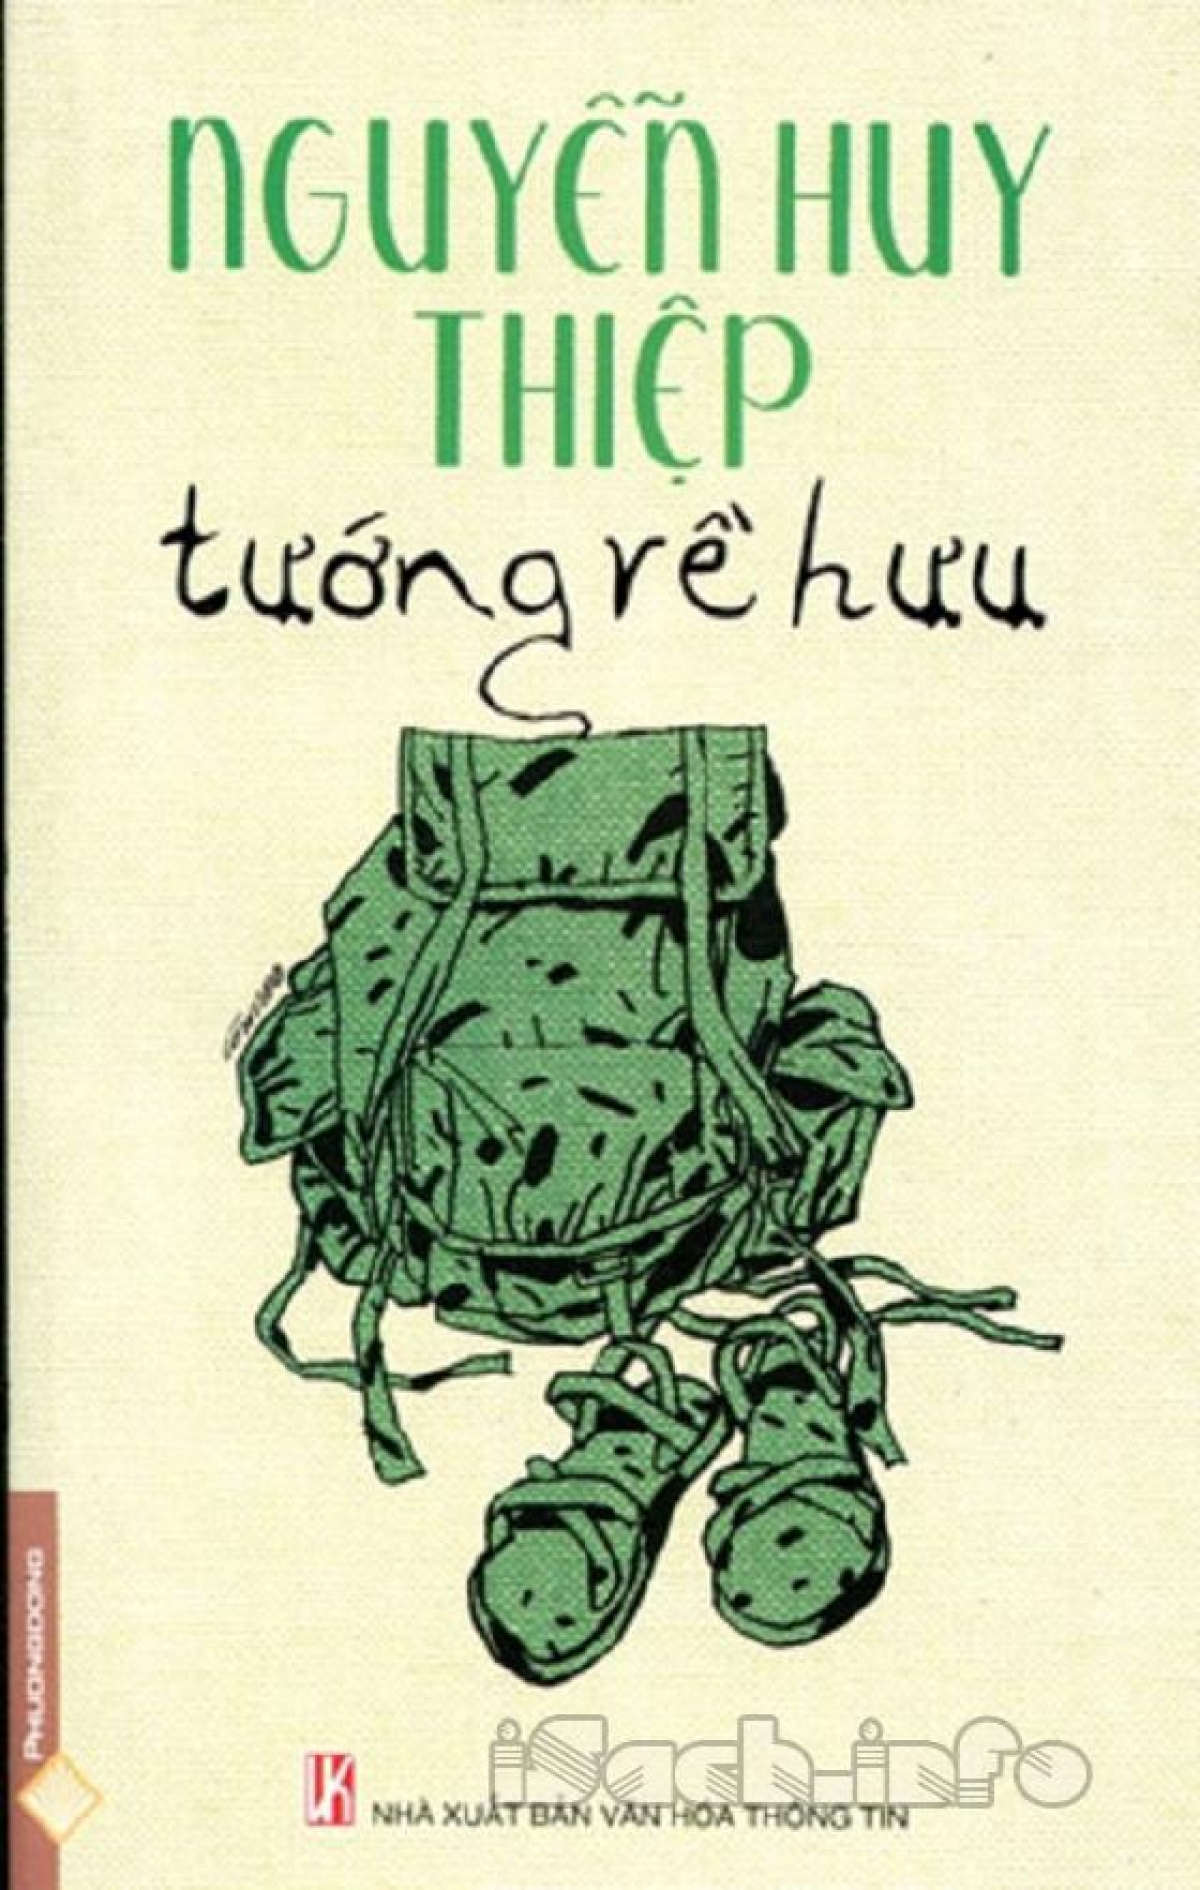 """Tác phẩm """"Tướng về hưu"""" của nhà văn Nguyễn Huy Thiệp."""